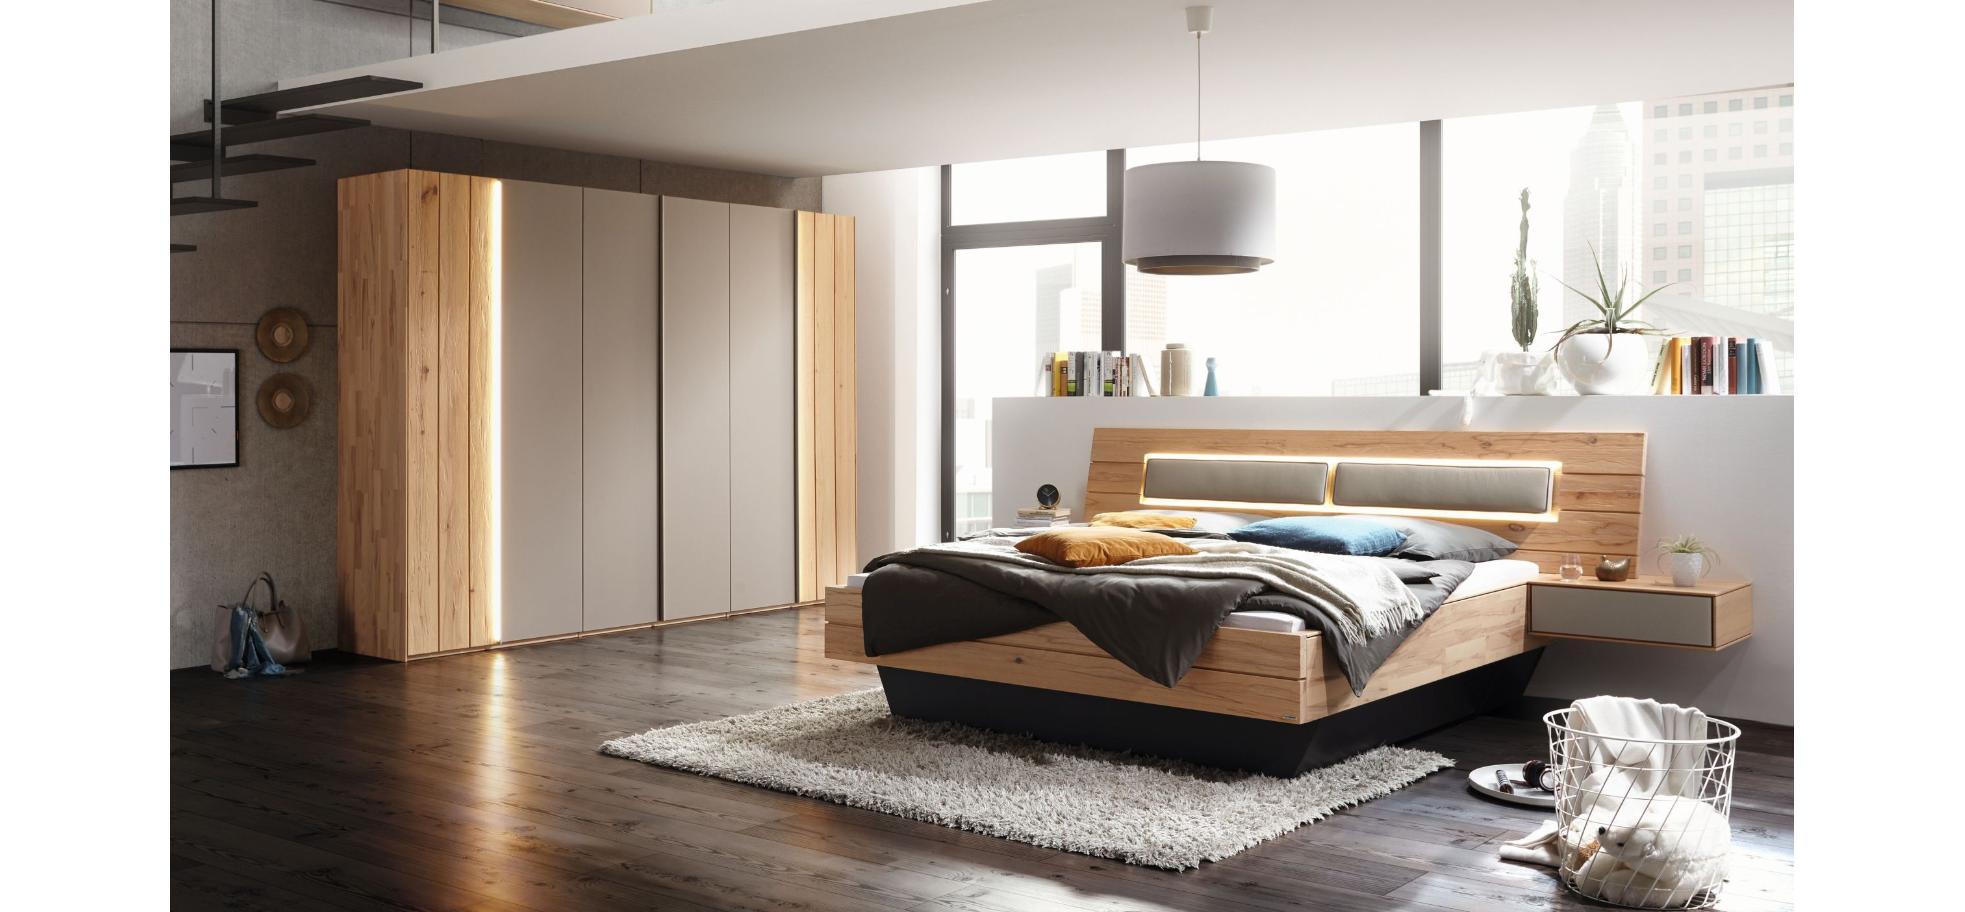 Schlafzimmer in Massivholz mit Glasabsetzungen | Möbelhaus Pohl ...